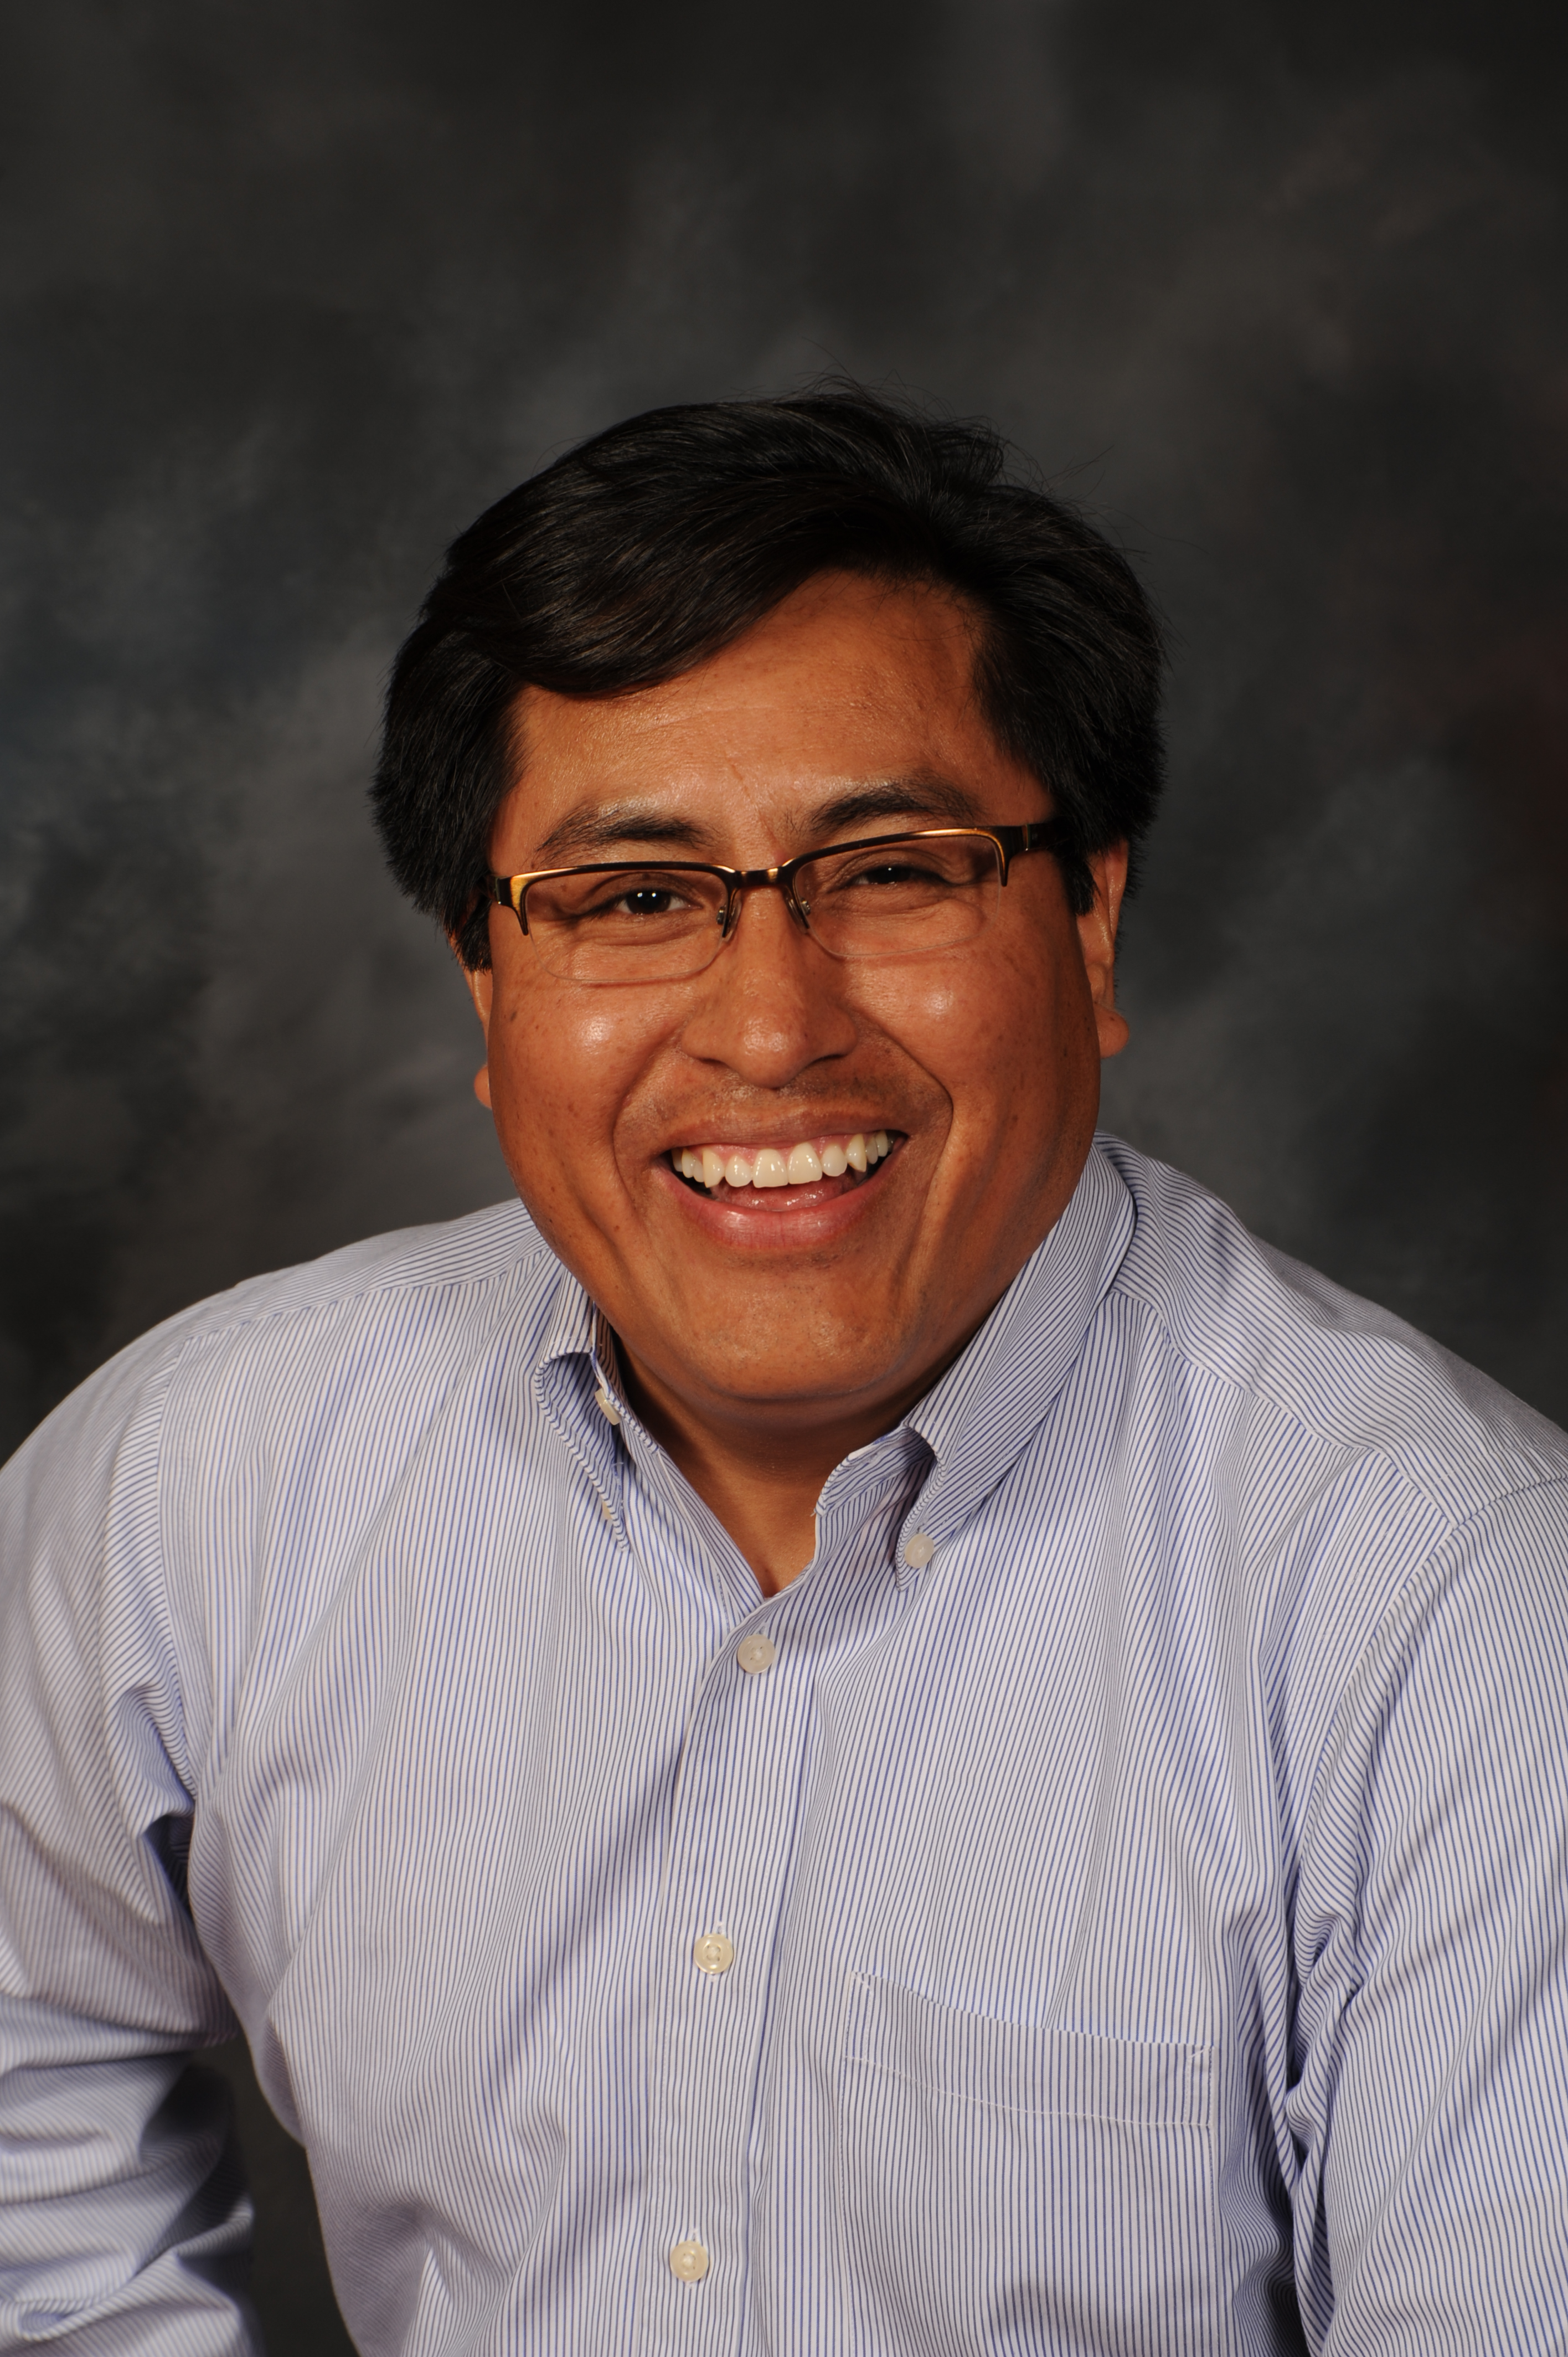 Meet Associate Hector Obregon-Luna